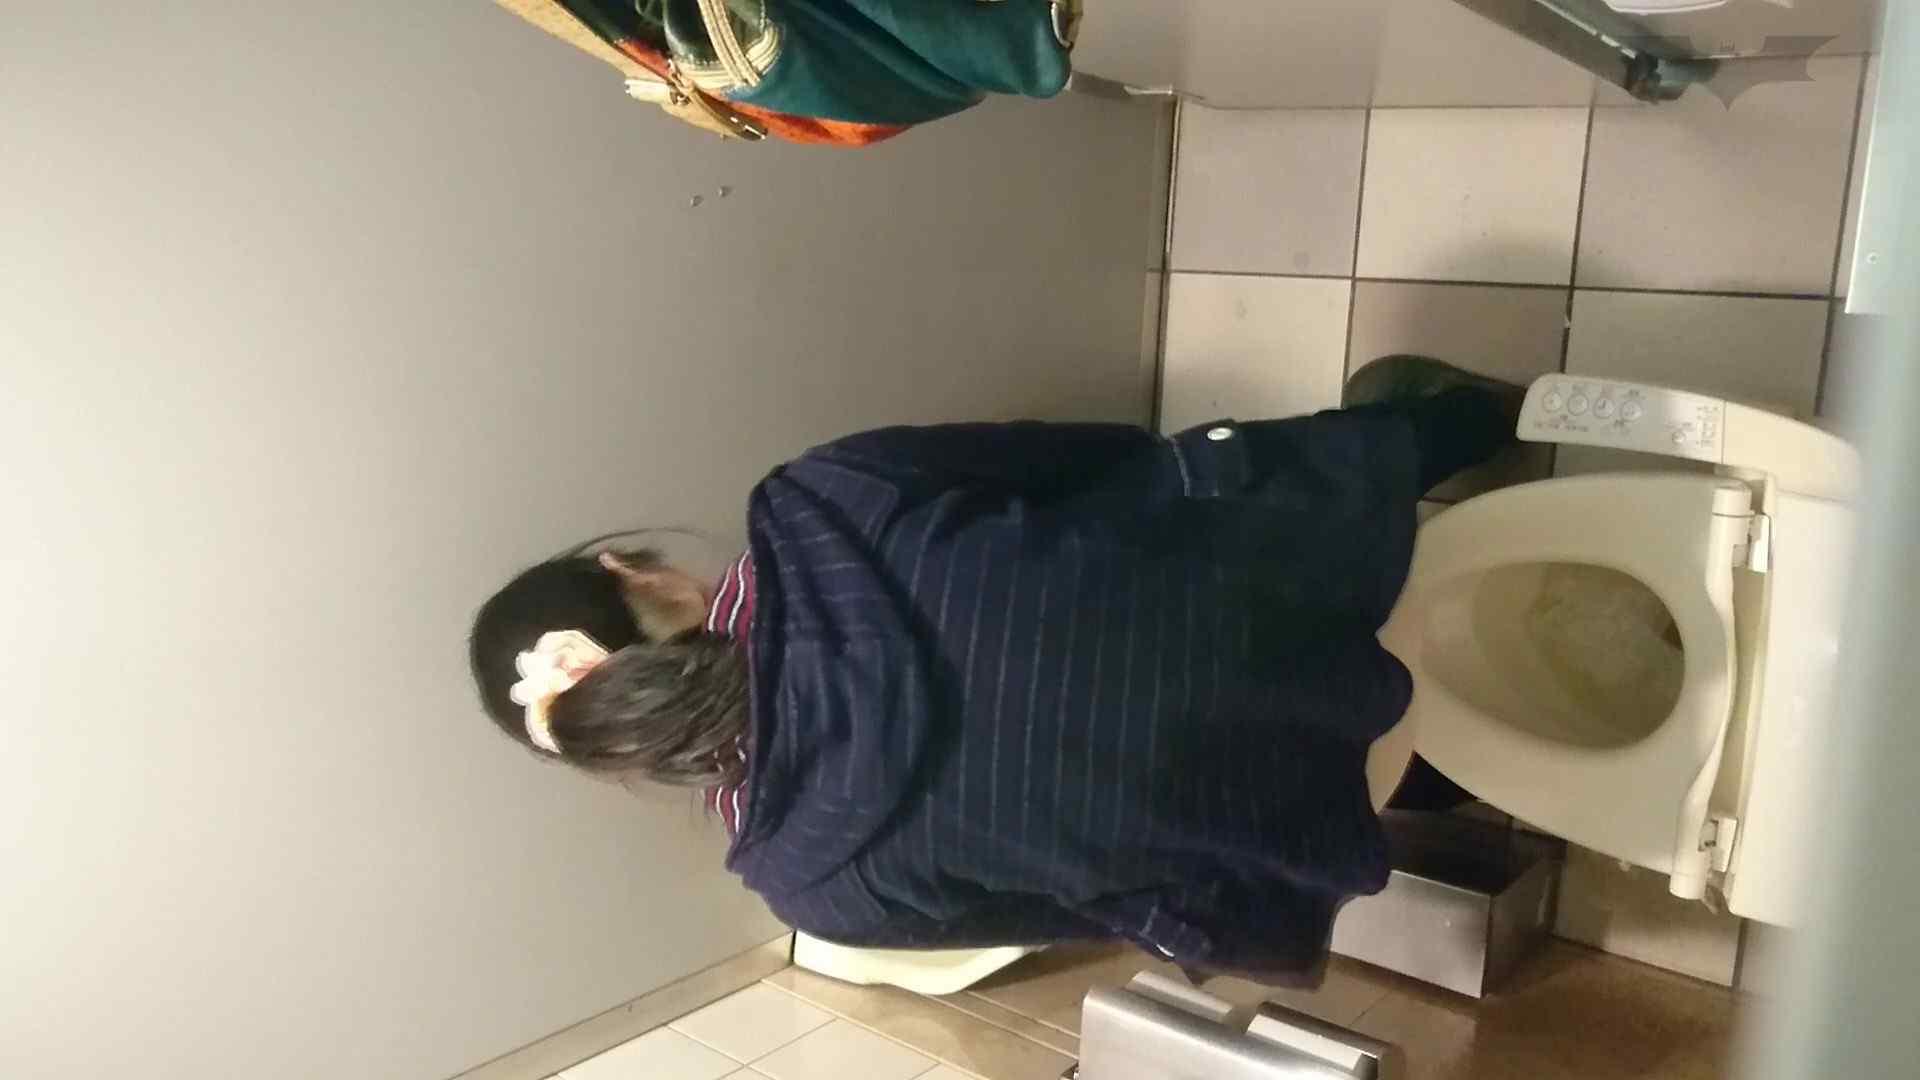 化粧室絵巻 ショッピングモール編 VOL.16 0  94pic 18